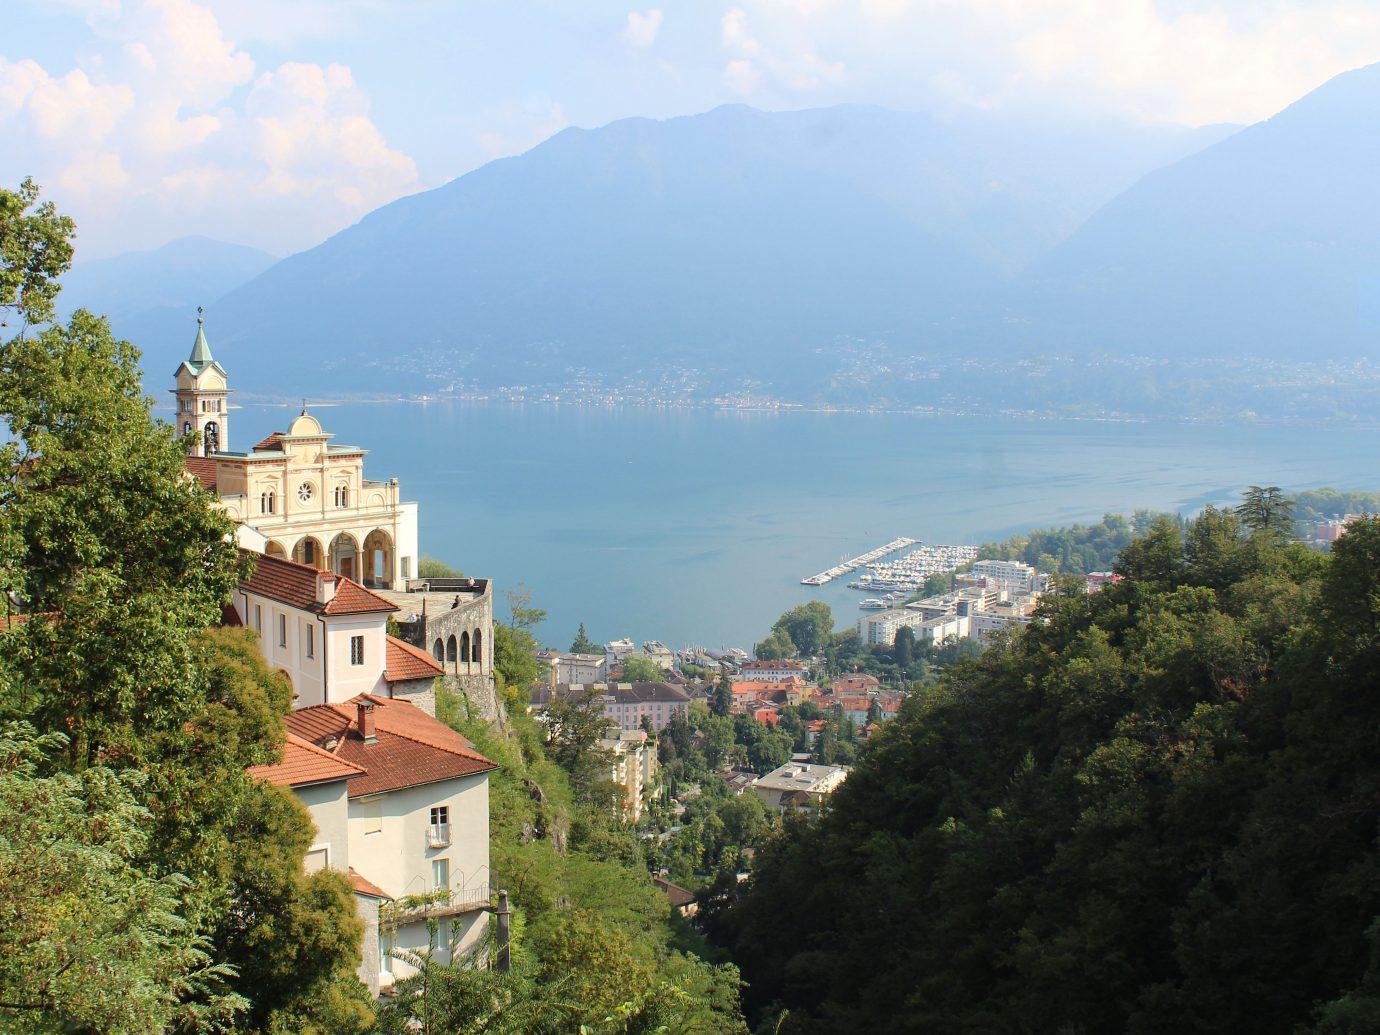 View of Madonna del Sasso in Locarno Switzerland